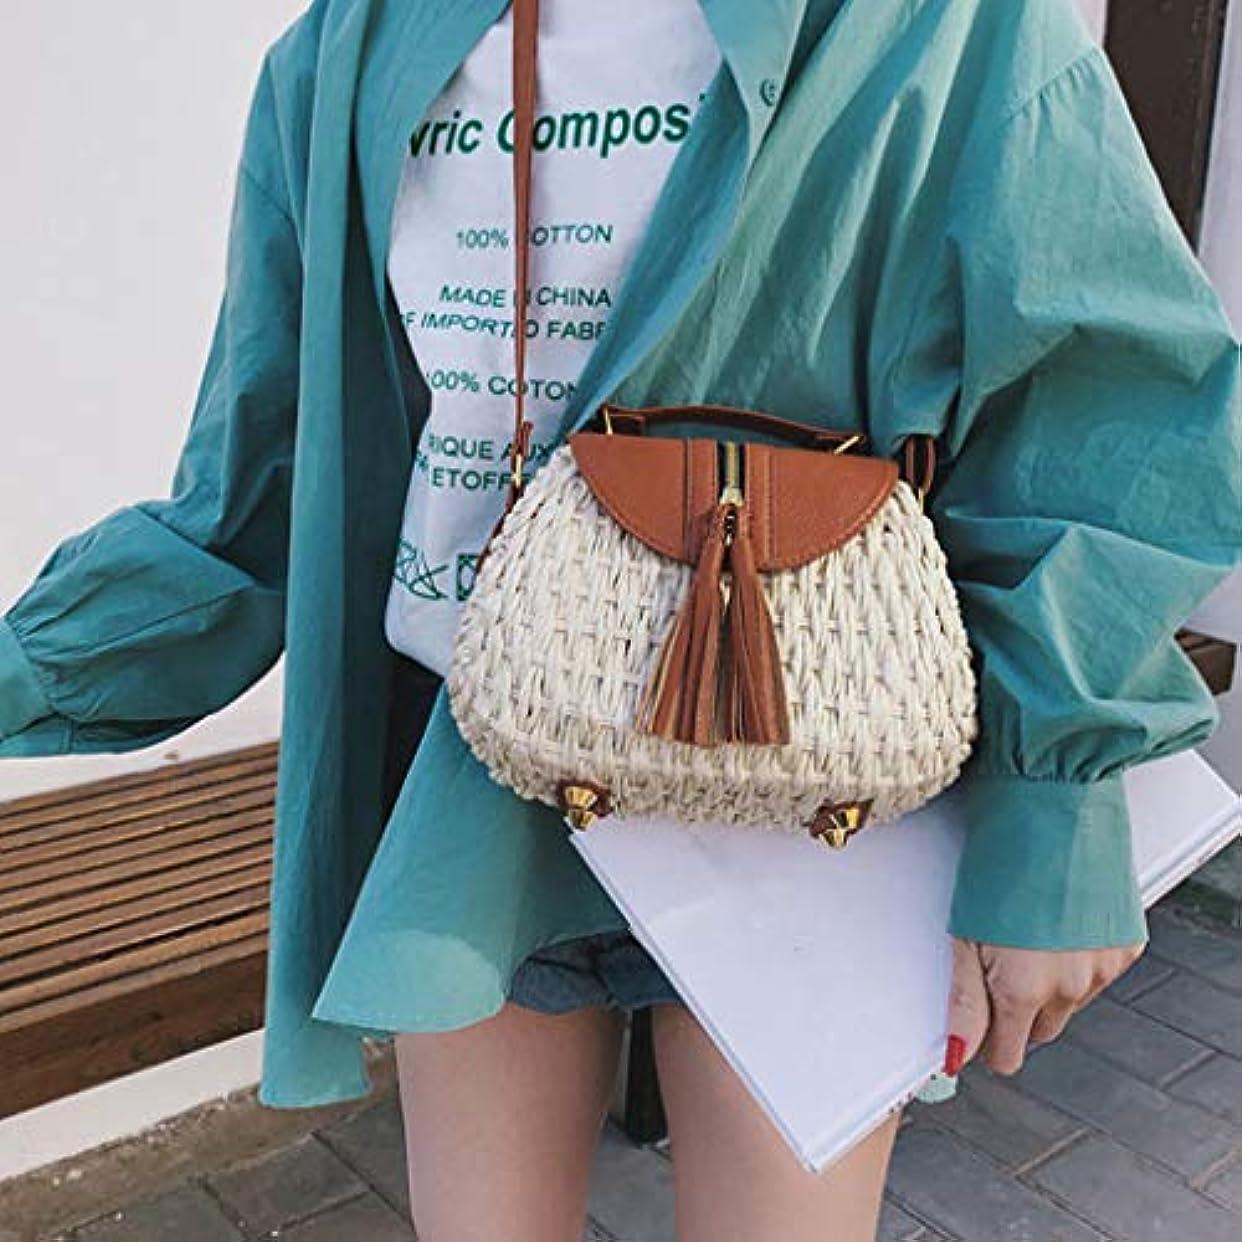 学部重要電気的女性の流行のタッセルはショルダー?バッグ、女性浜の余暇のクロスボディ袋を織ります、女性のタッセルは浜様式のメッセンジャー袋を織ります、女性方法対照色のビーチ様式のメッセンジャー袋 (ベージュ)